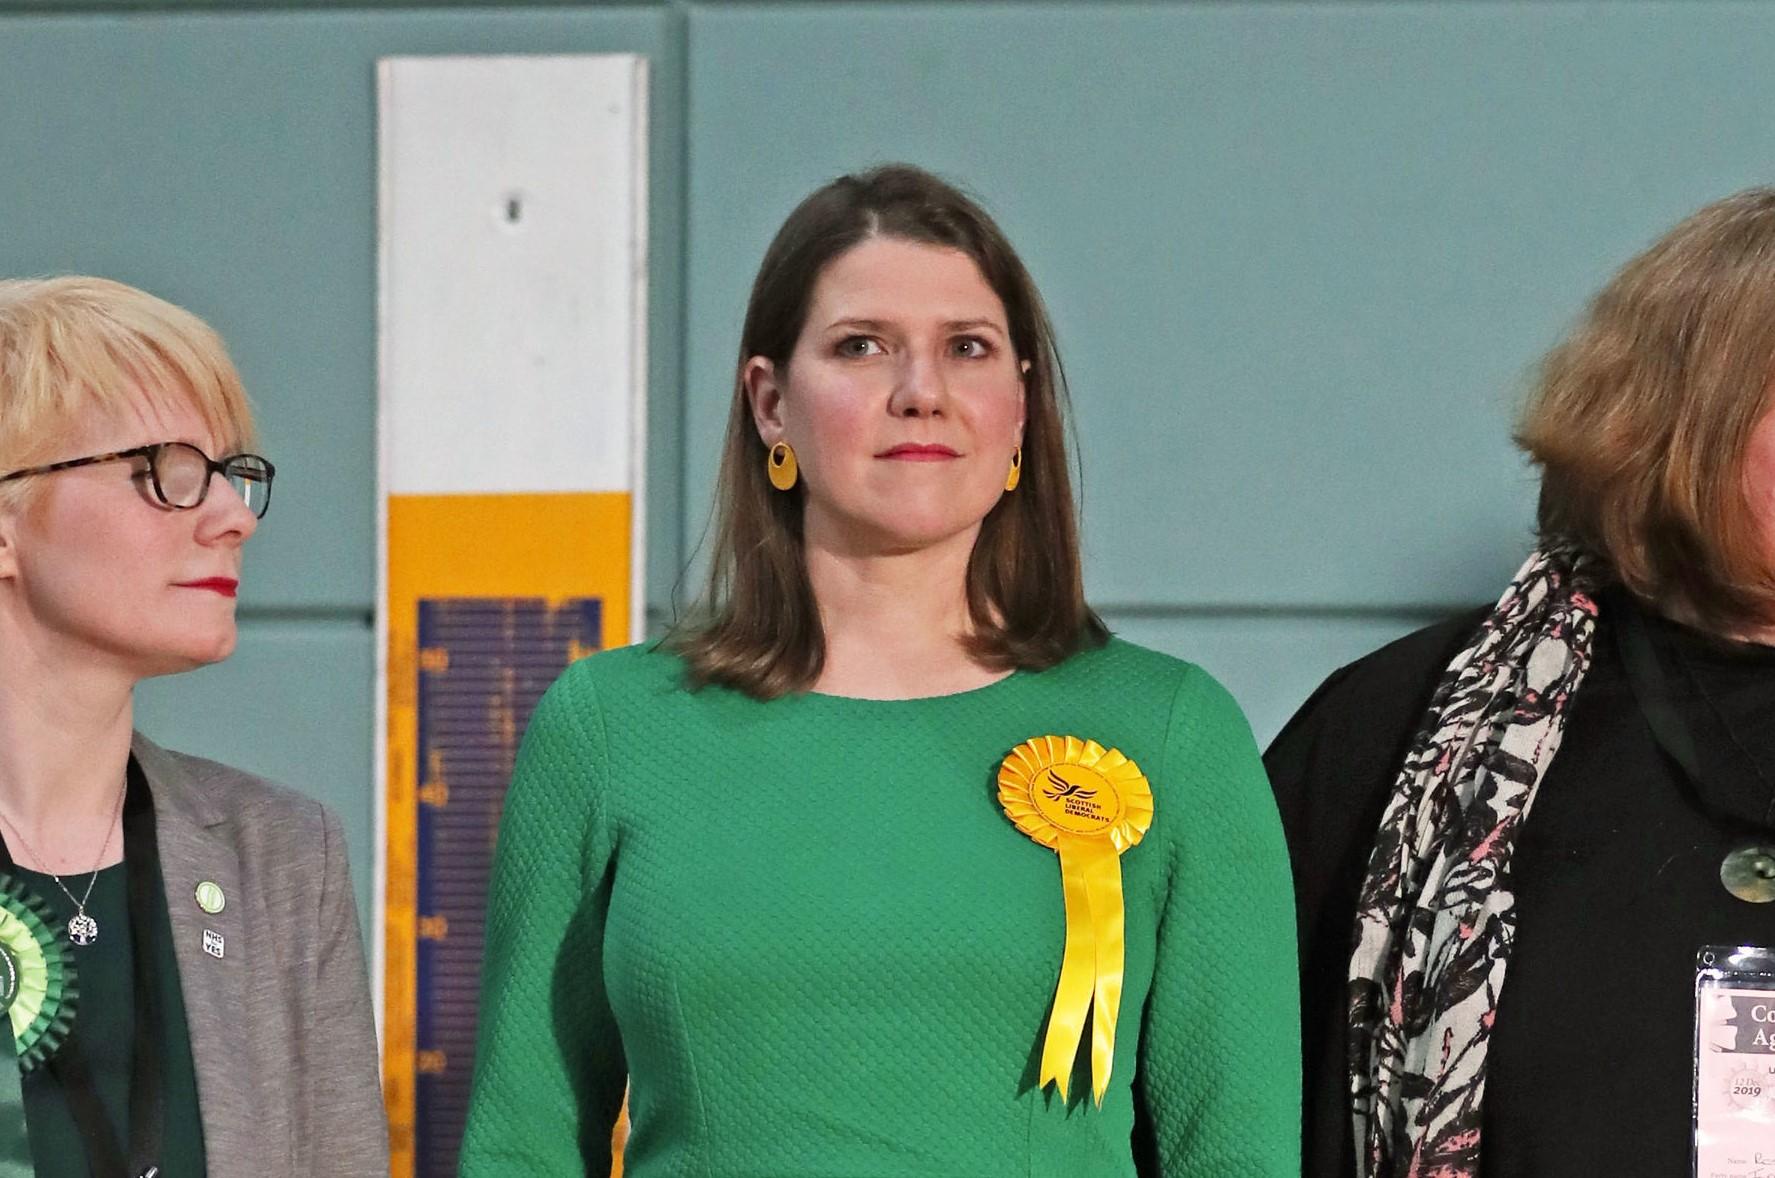 WATCH: LibDem leader Jo Swinson loses Dunbartonshire East seat